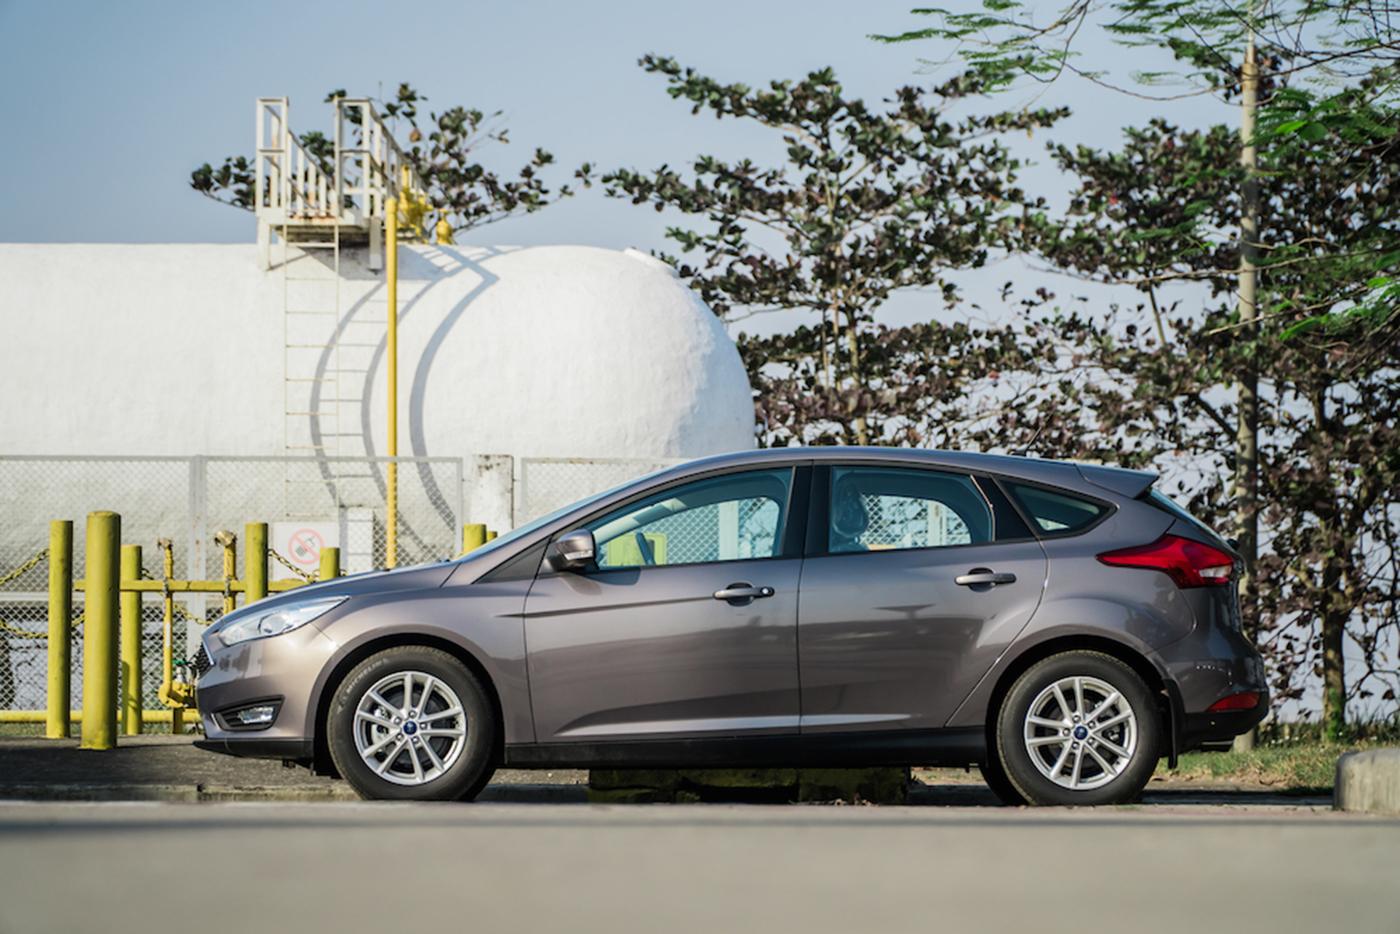 Ford Focus Trend động cơ mới đi cùng mức giá hấp dẫn